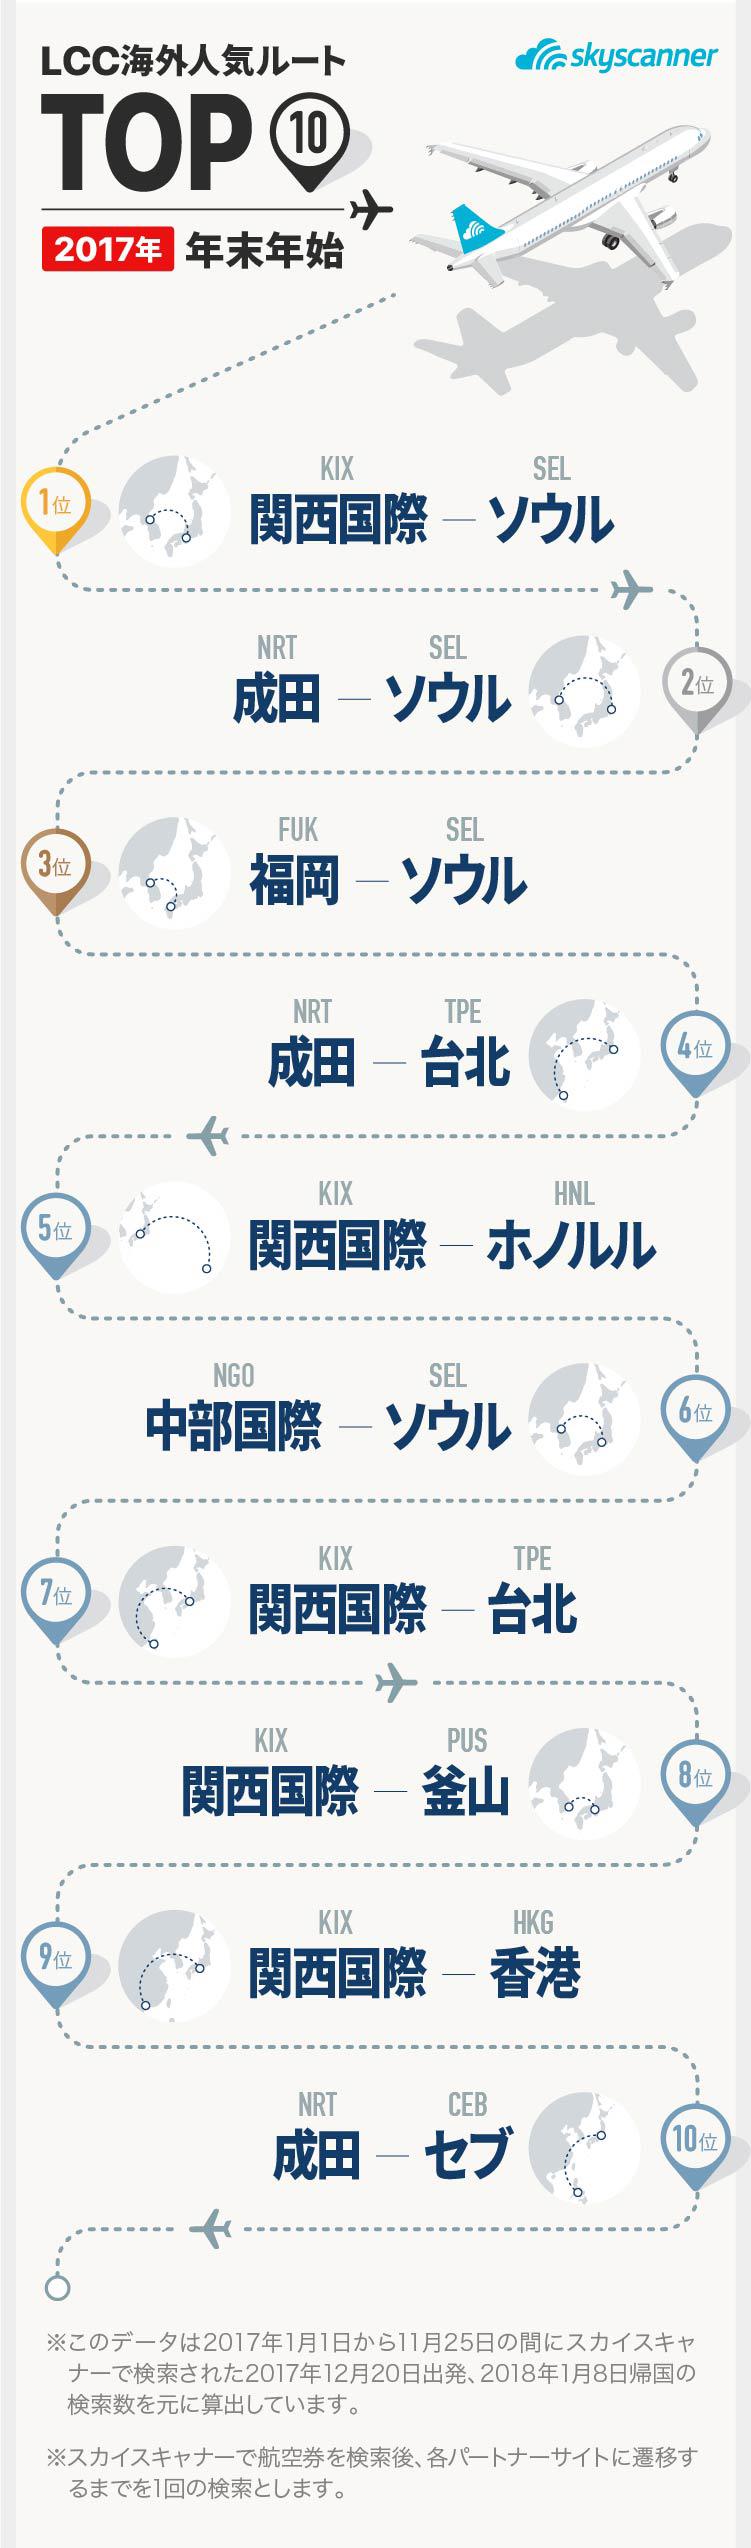 2017年版 年末年始LCC海外人気ルートトップ10